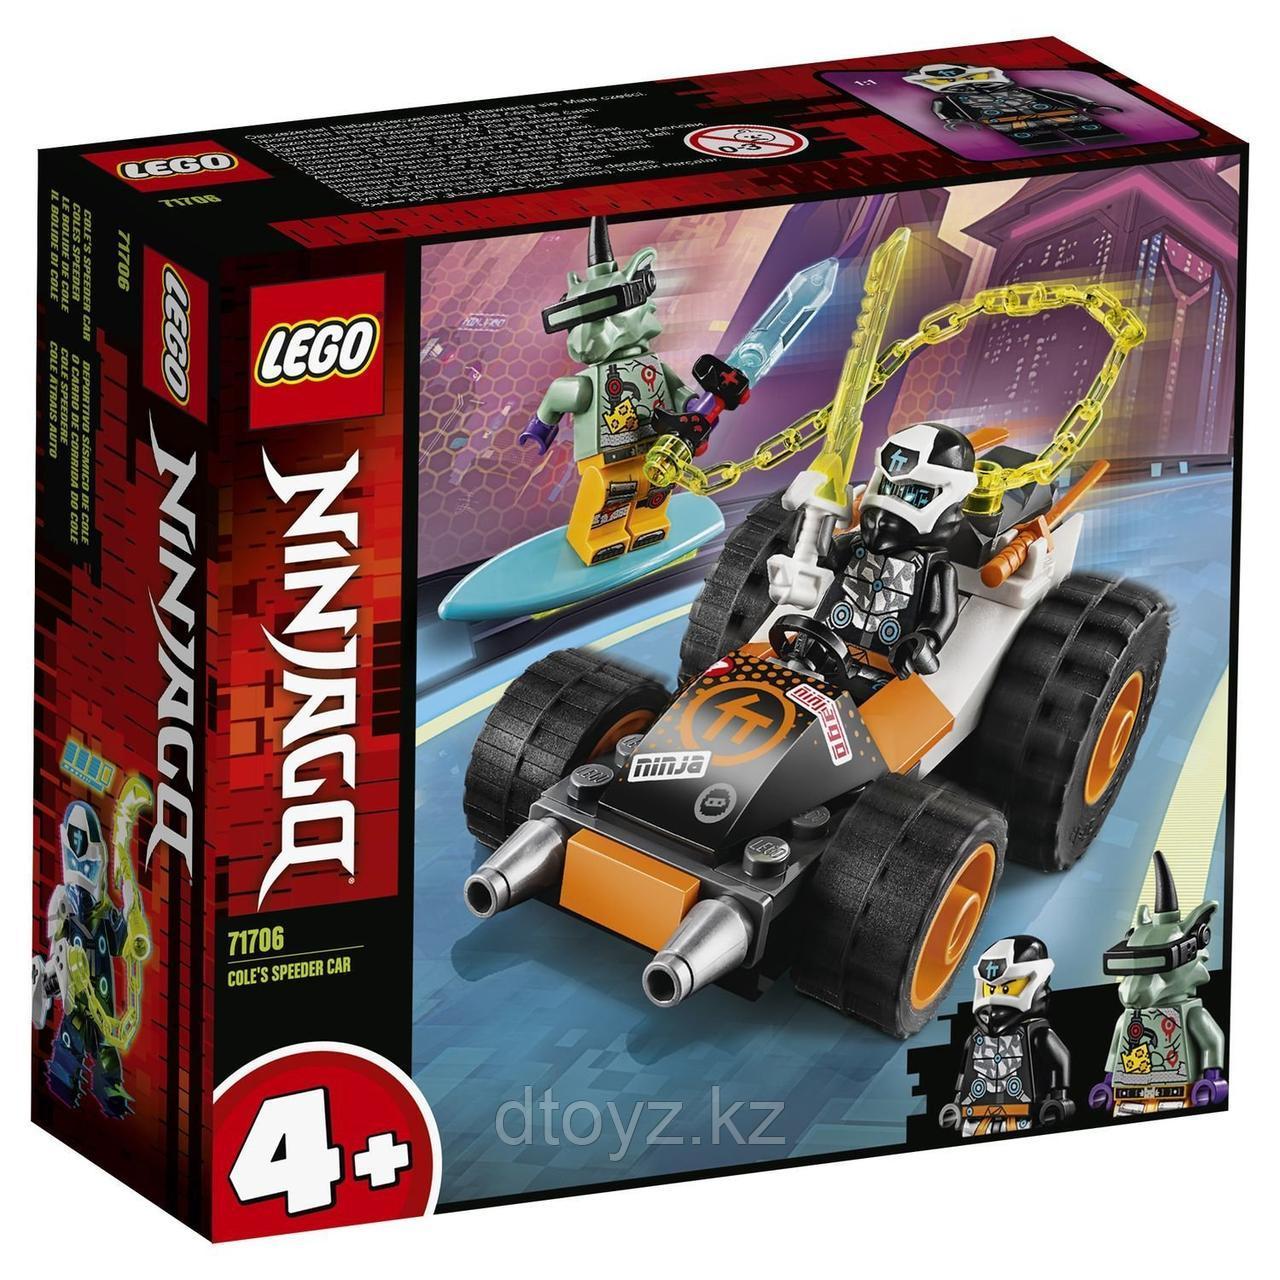 Lego Ninjago 71706 Скоростной автомобиль Коула